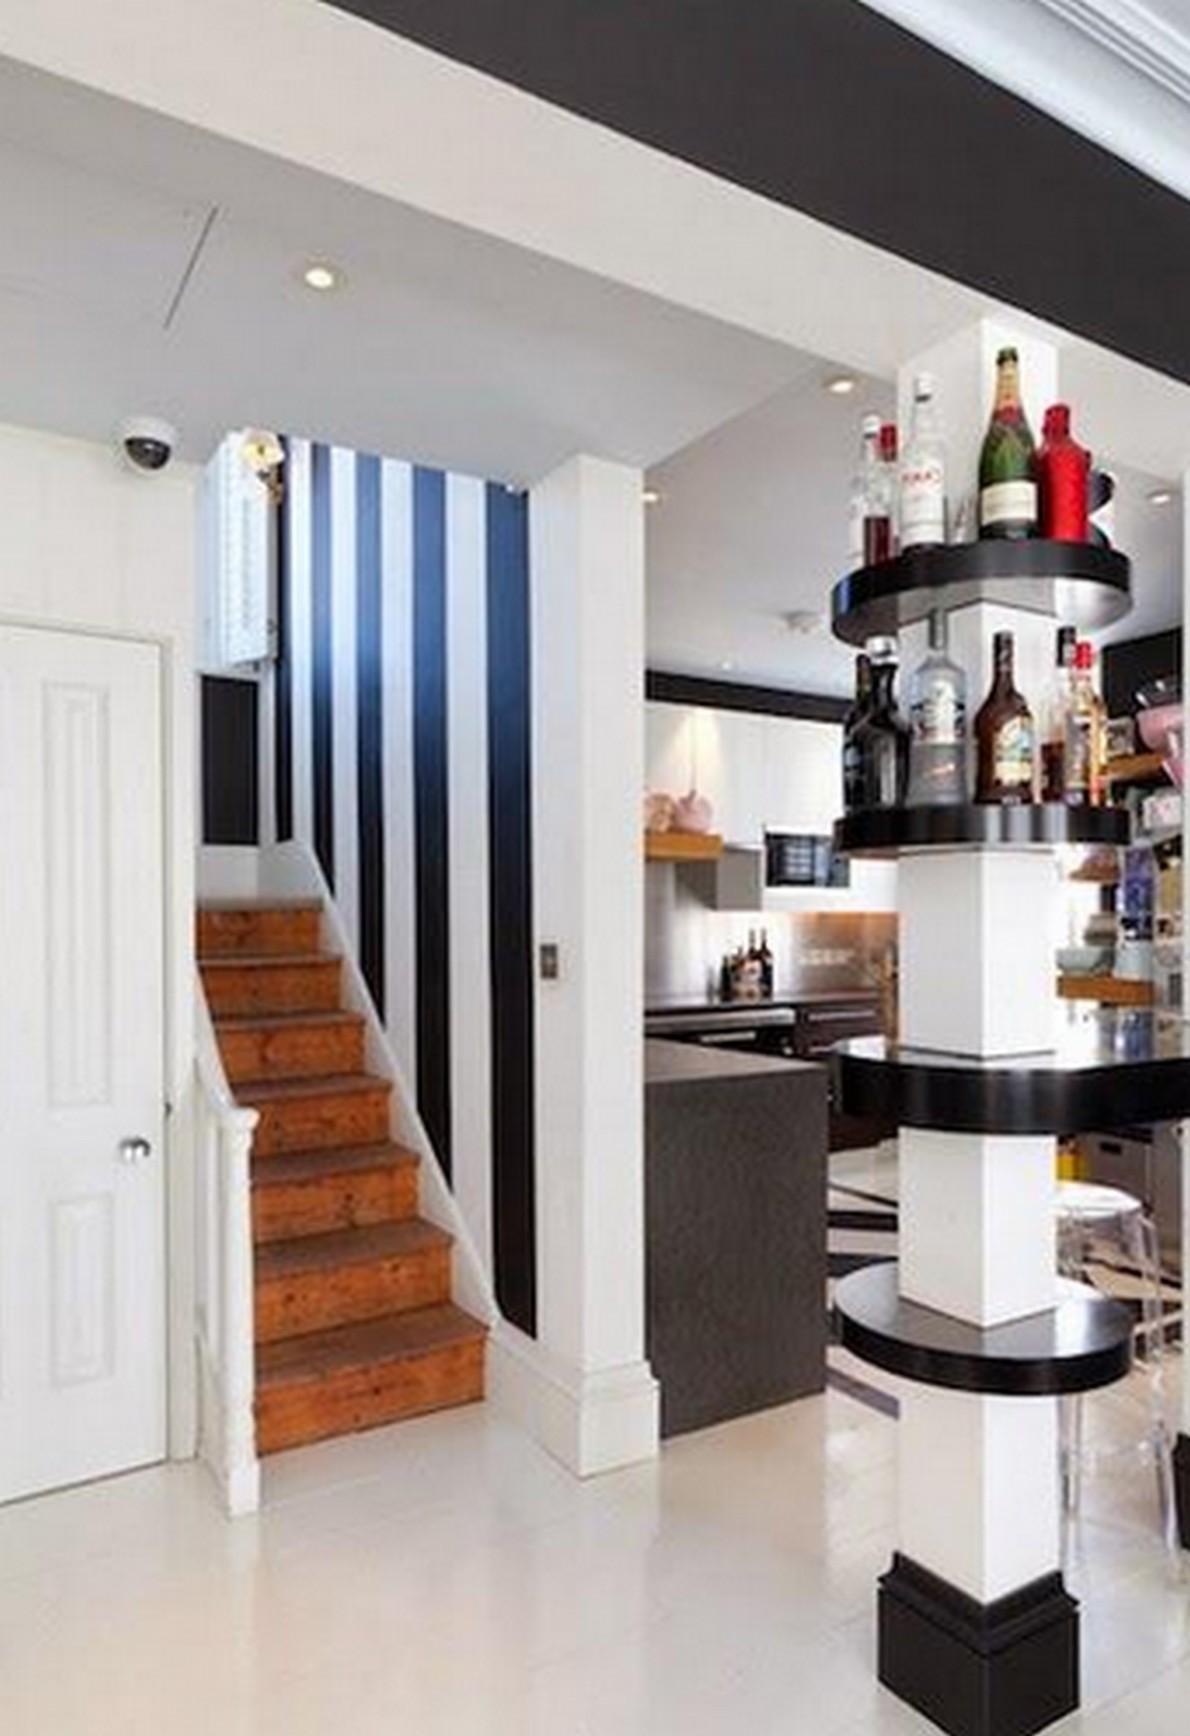 Come decorare i muri di casa come arredare casa con le - Decorare i muri di casa ...